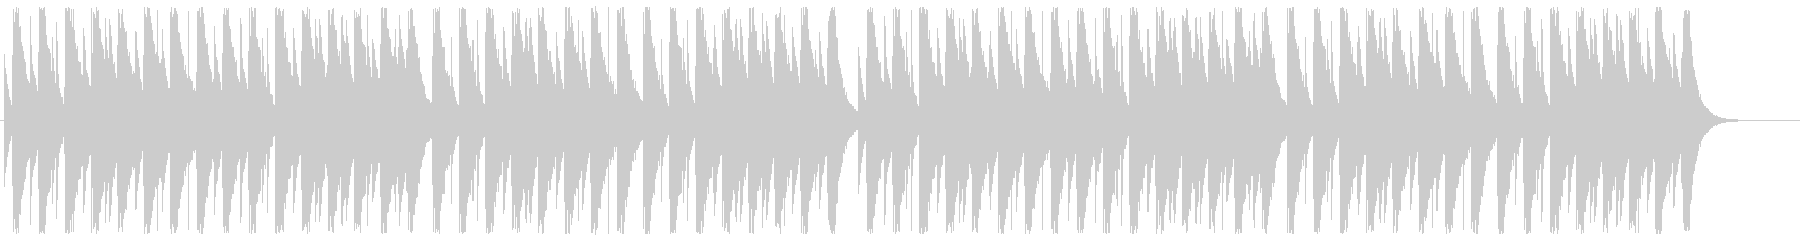 オルゴール・グリーンスリーブスの未再生の波形